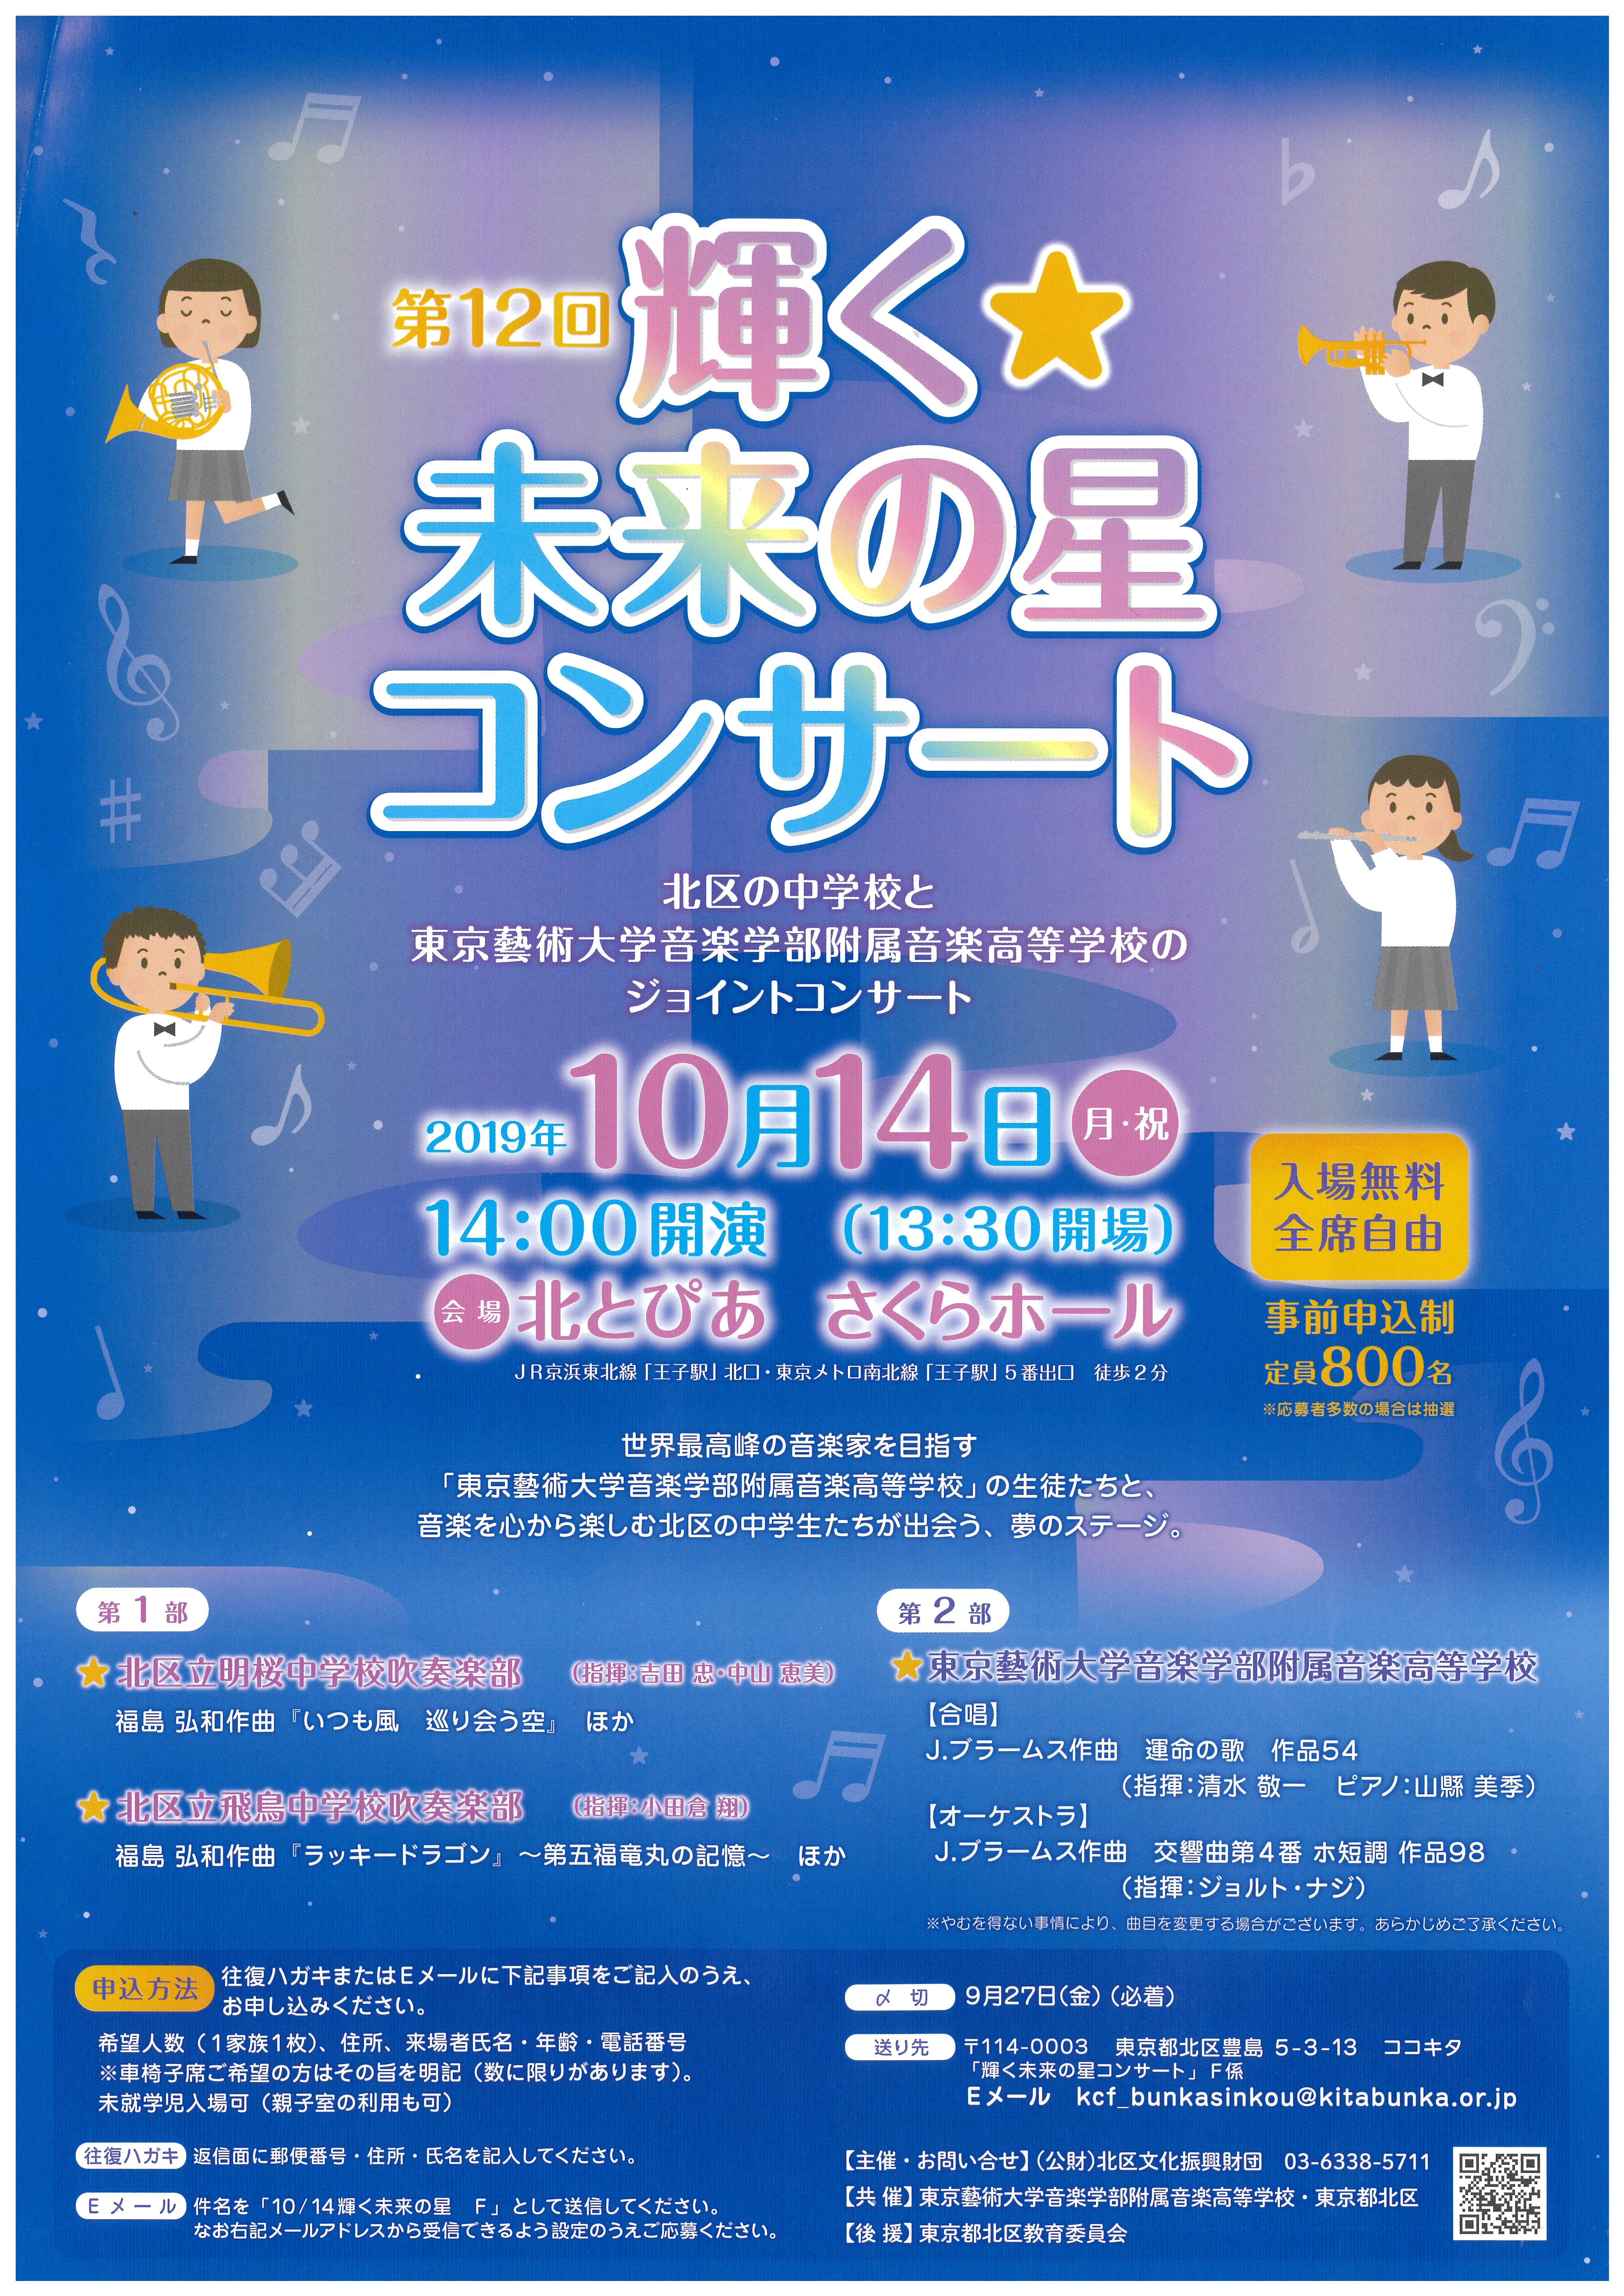 第12回 輝く☆未来の星コンサートの画像